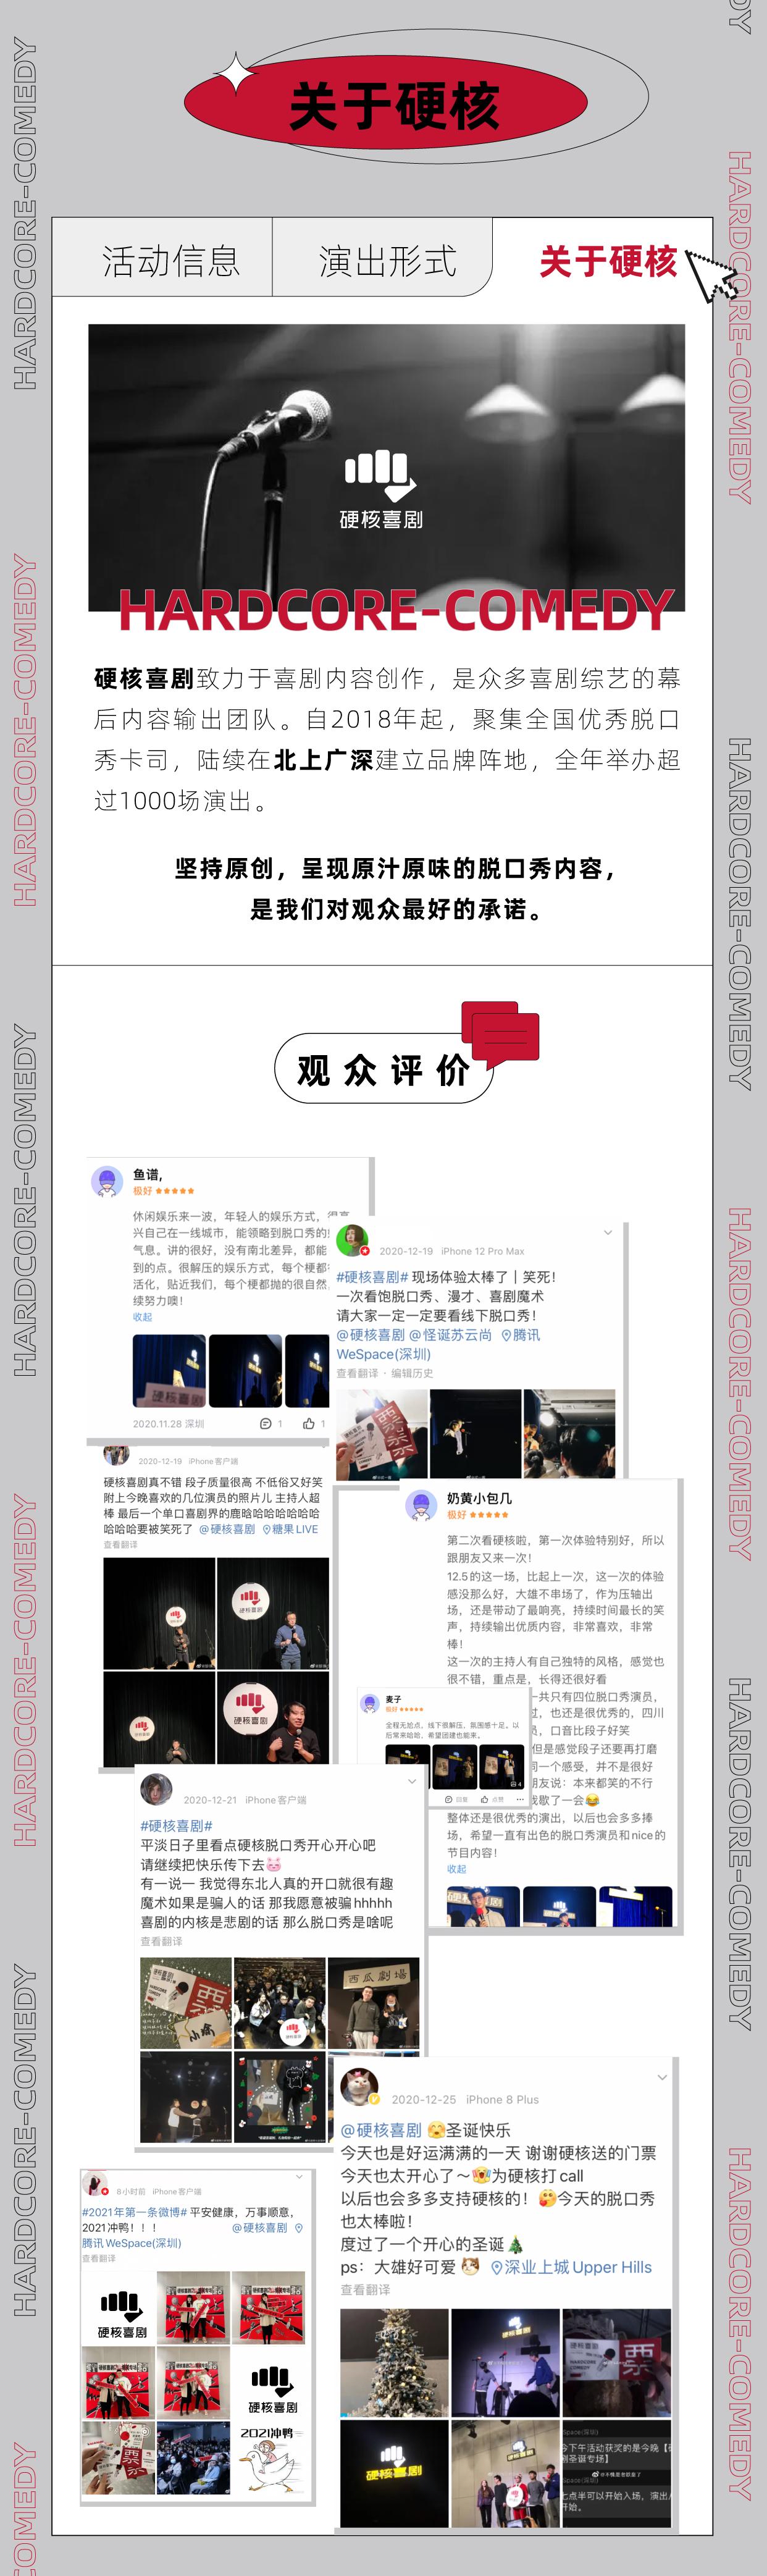 康解4.jpg